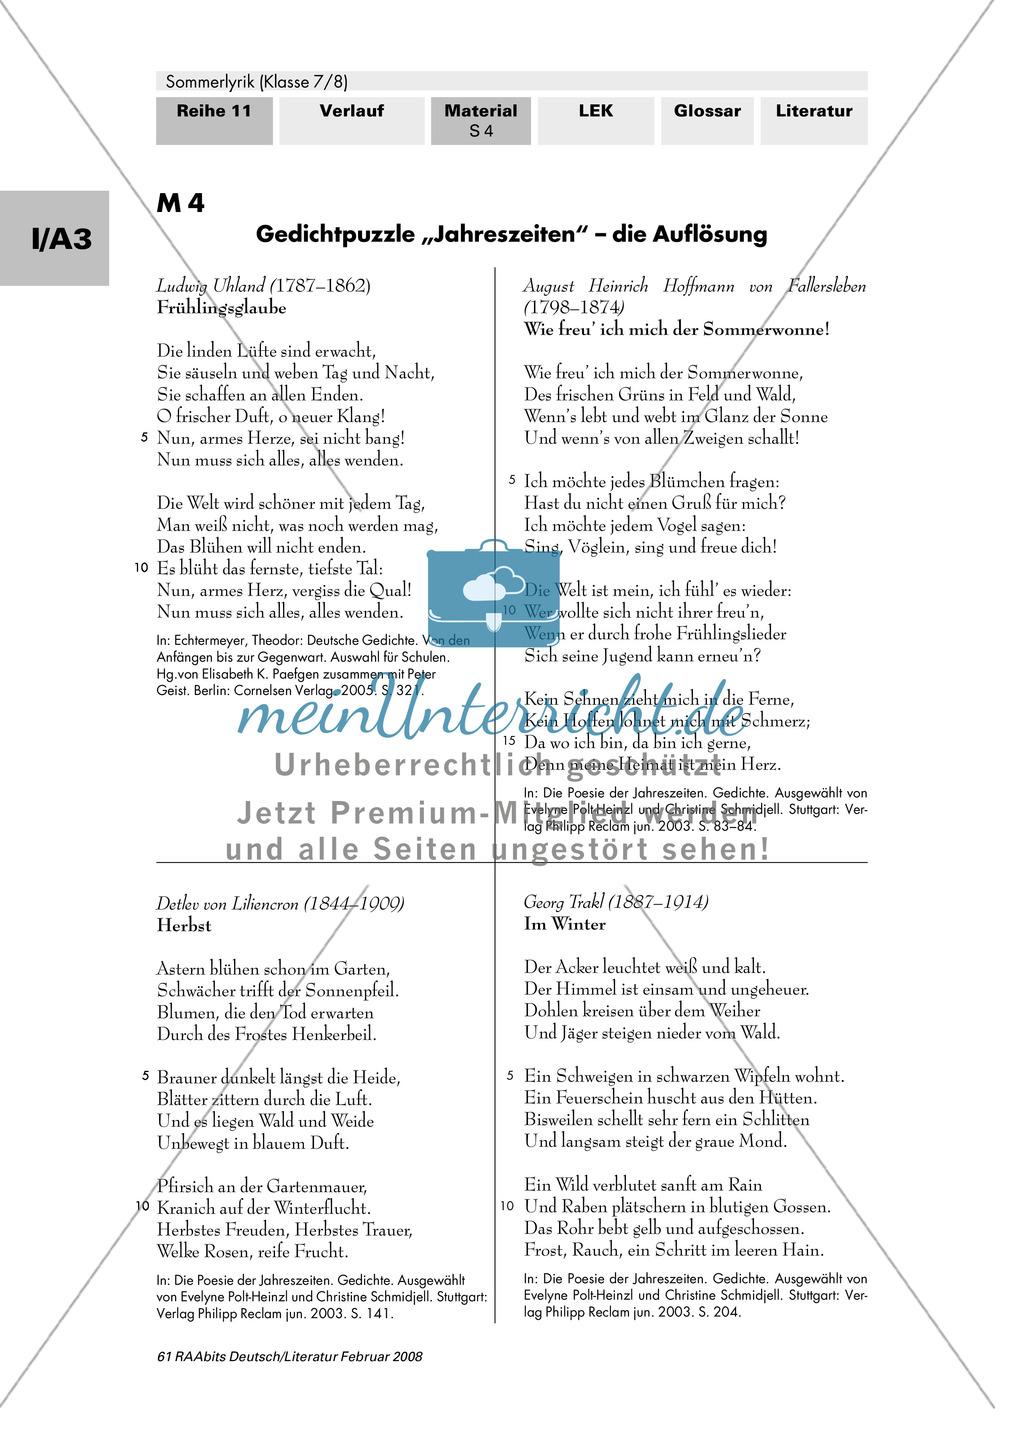 Sommerlyrik: Einführung in das Thema - Fachbegriffe zur Analyse von Gedichten Preview 3